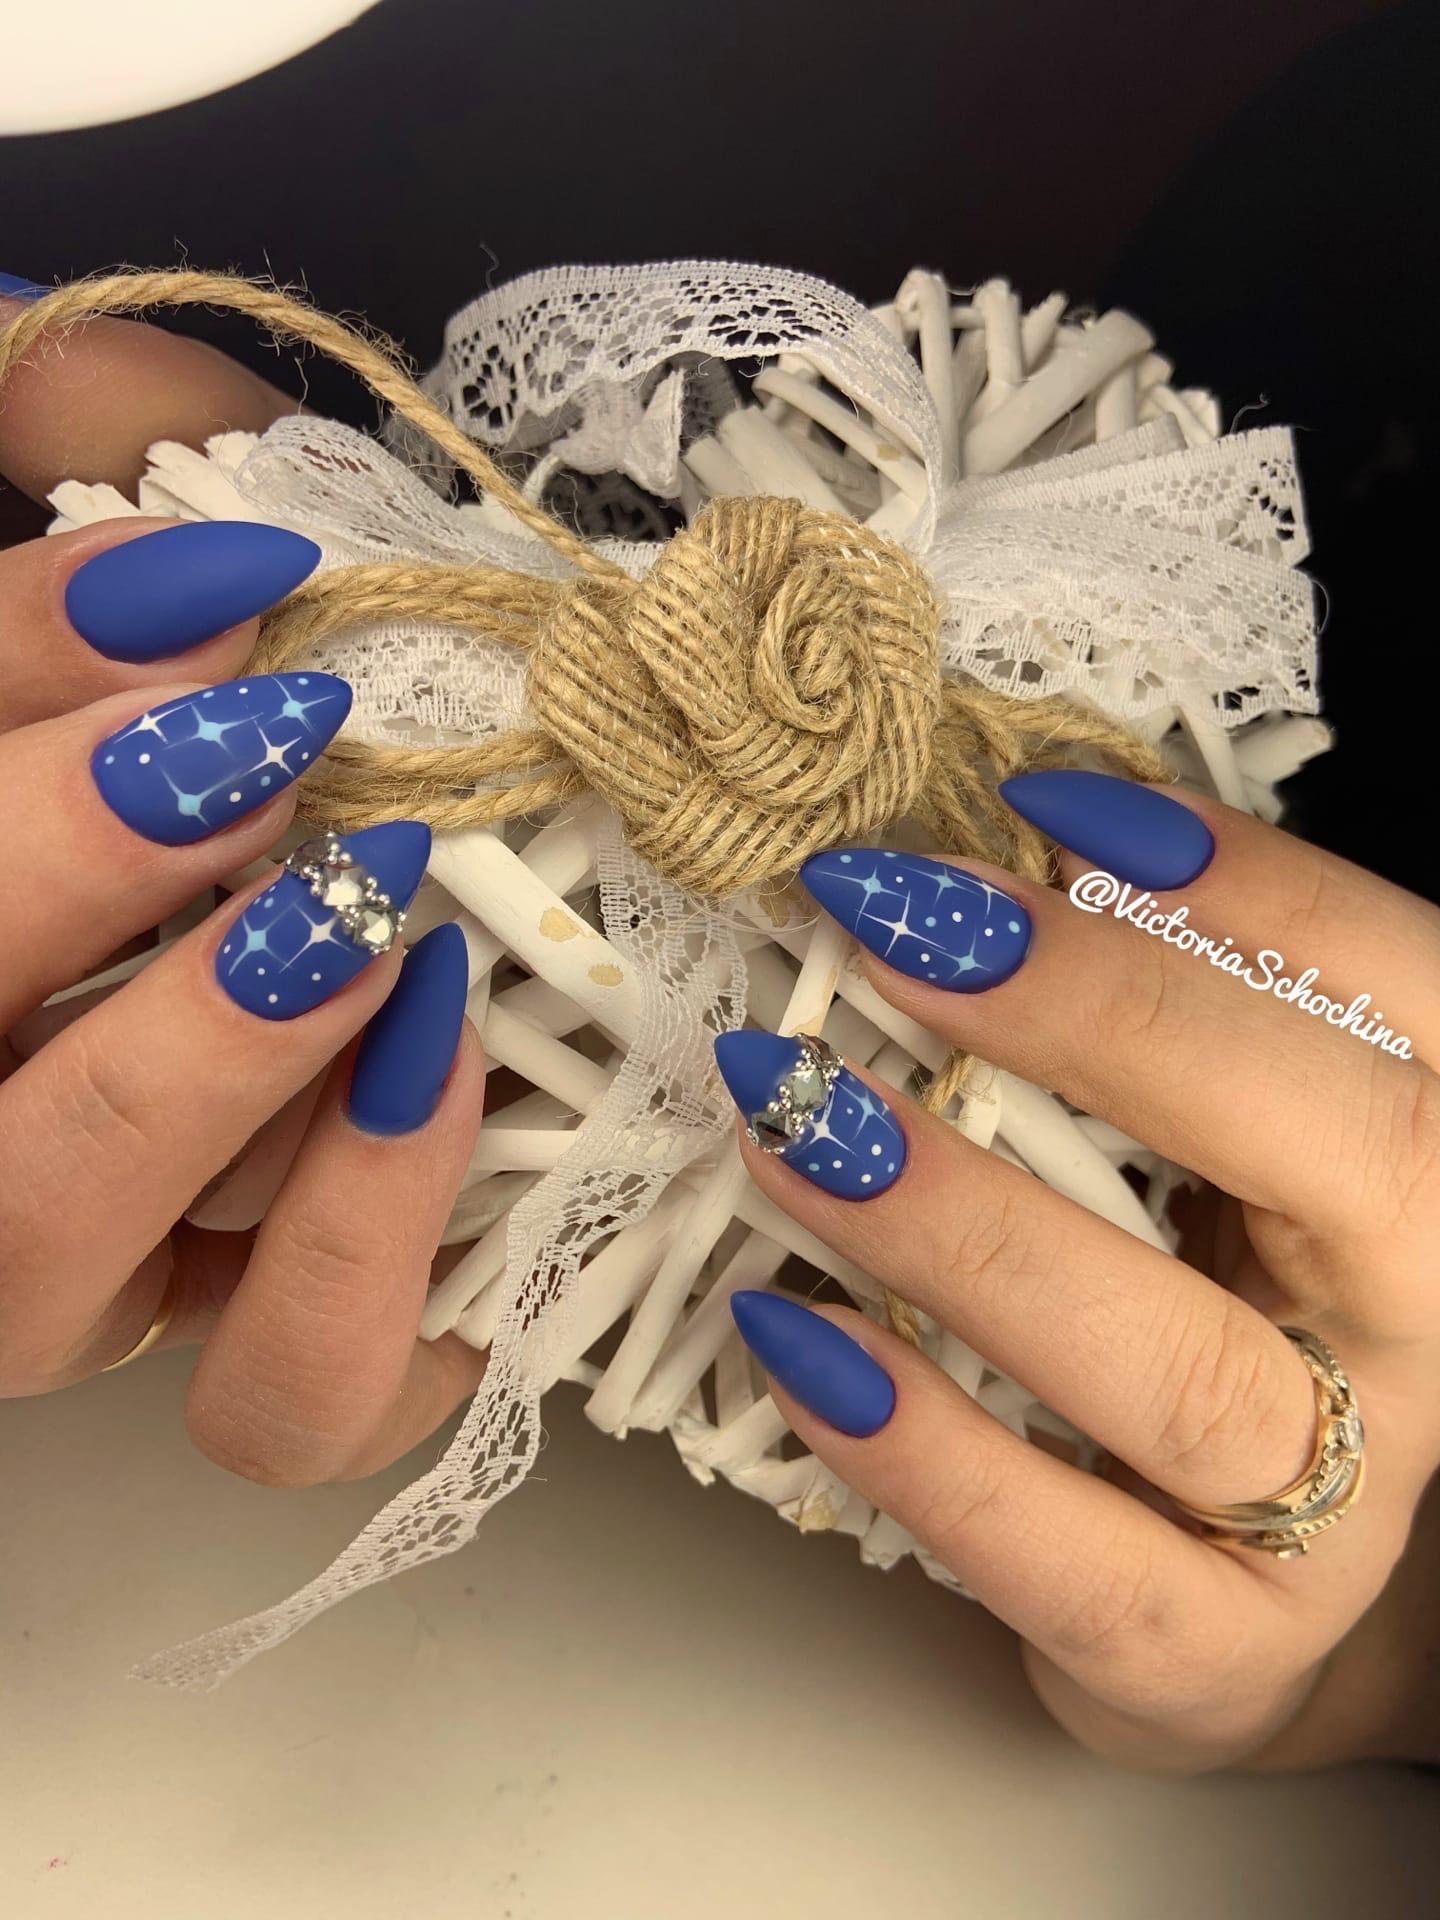 Матовый маникюр со звездочками и стразами в синем цвете.